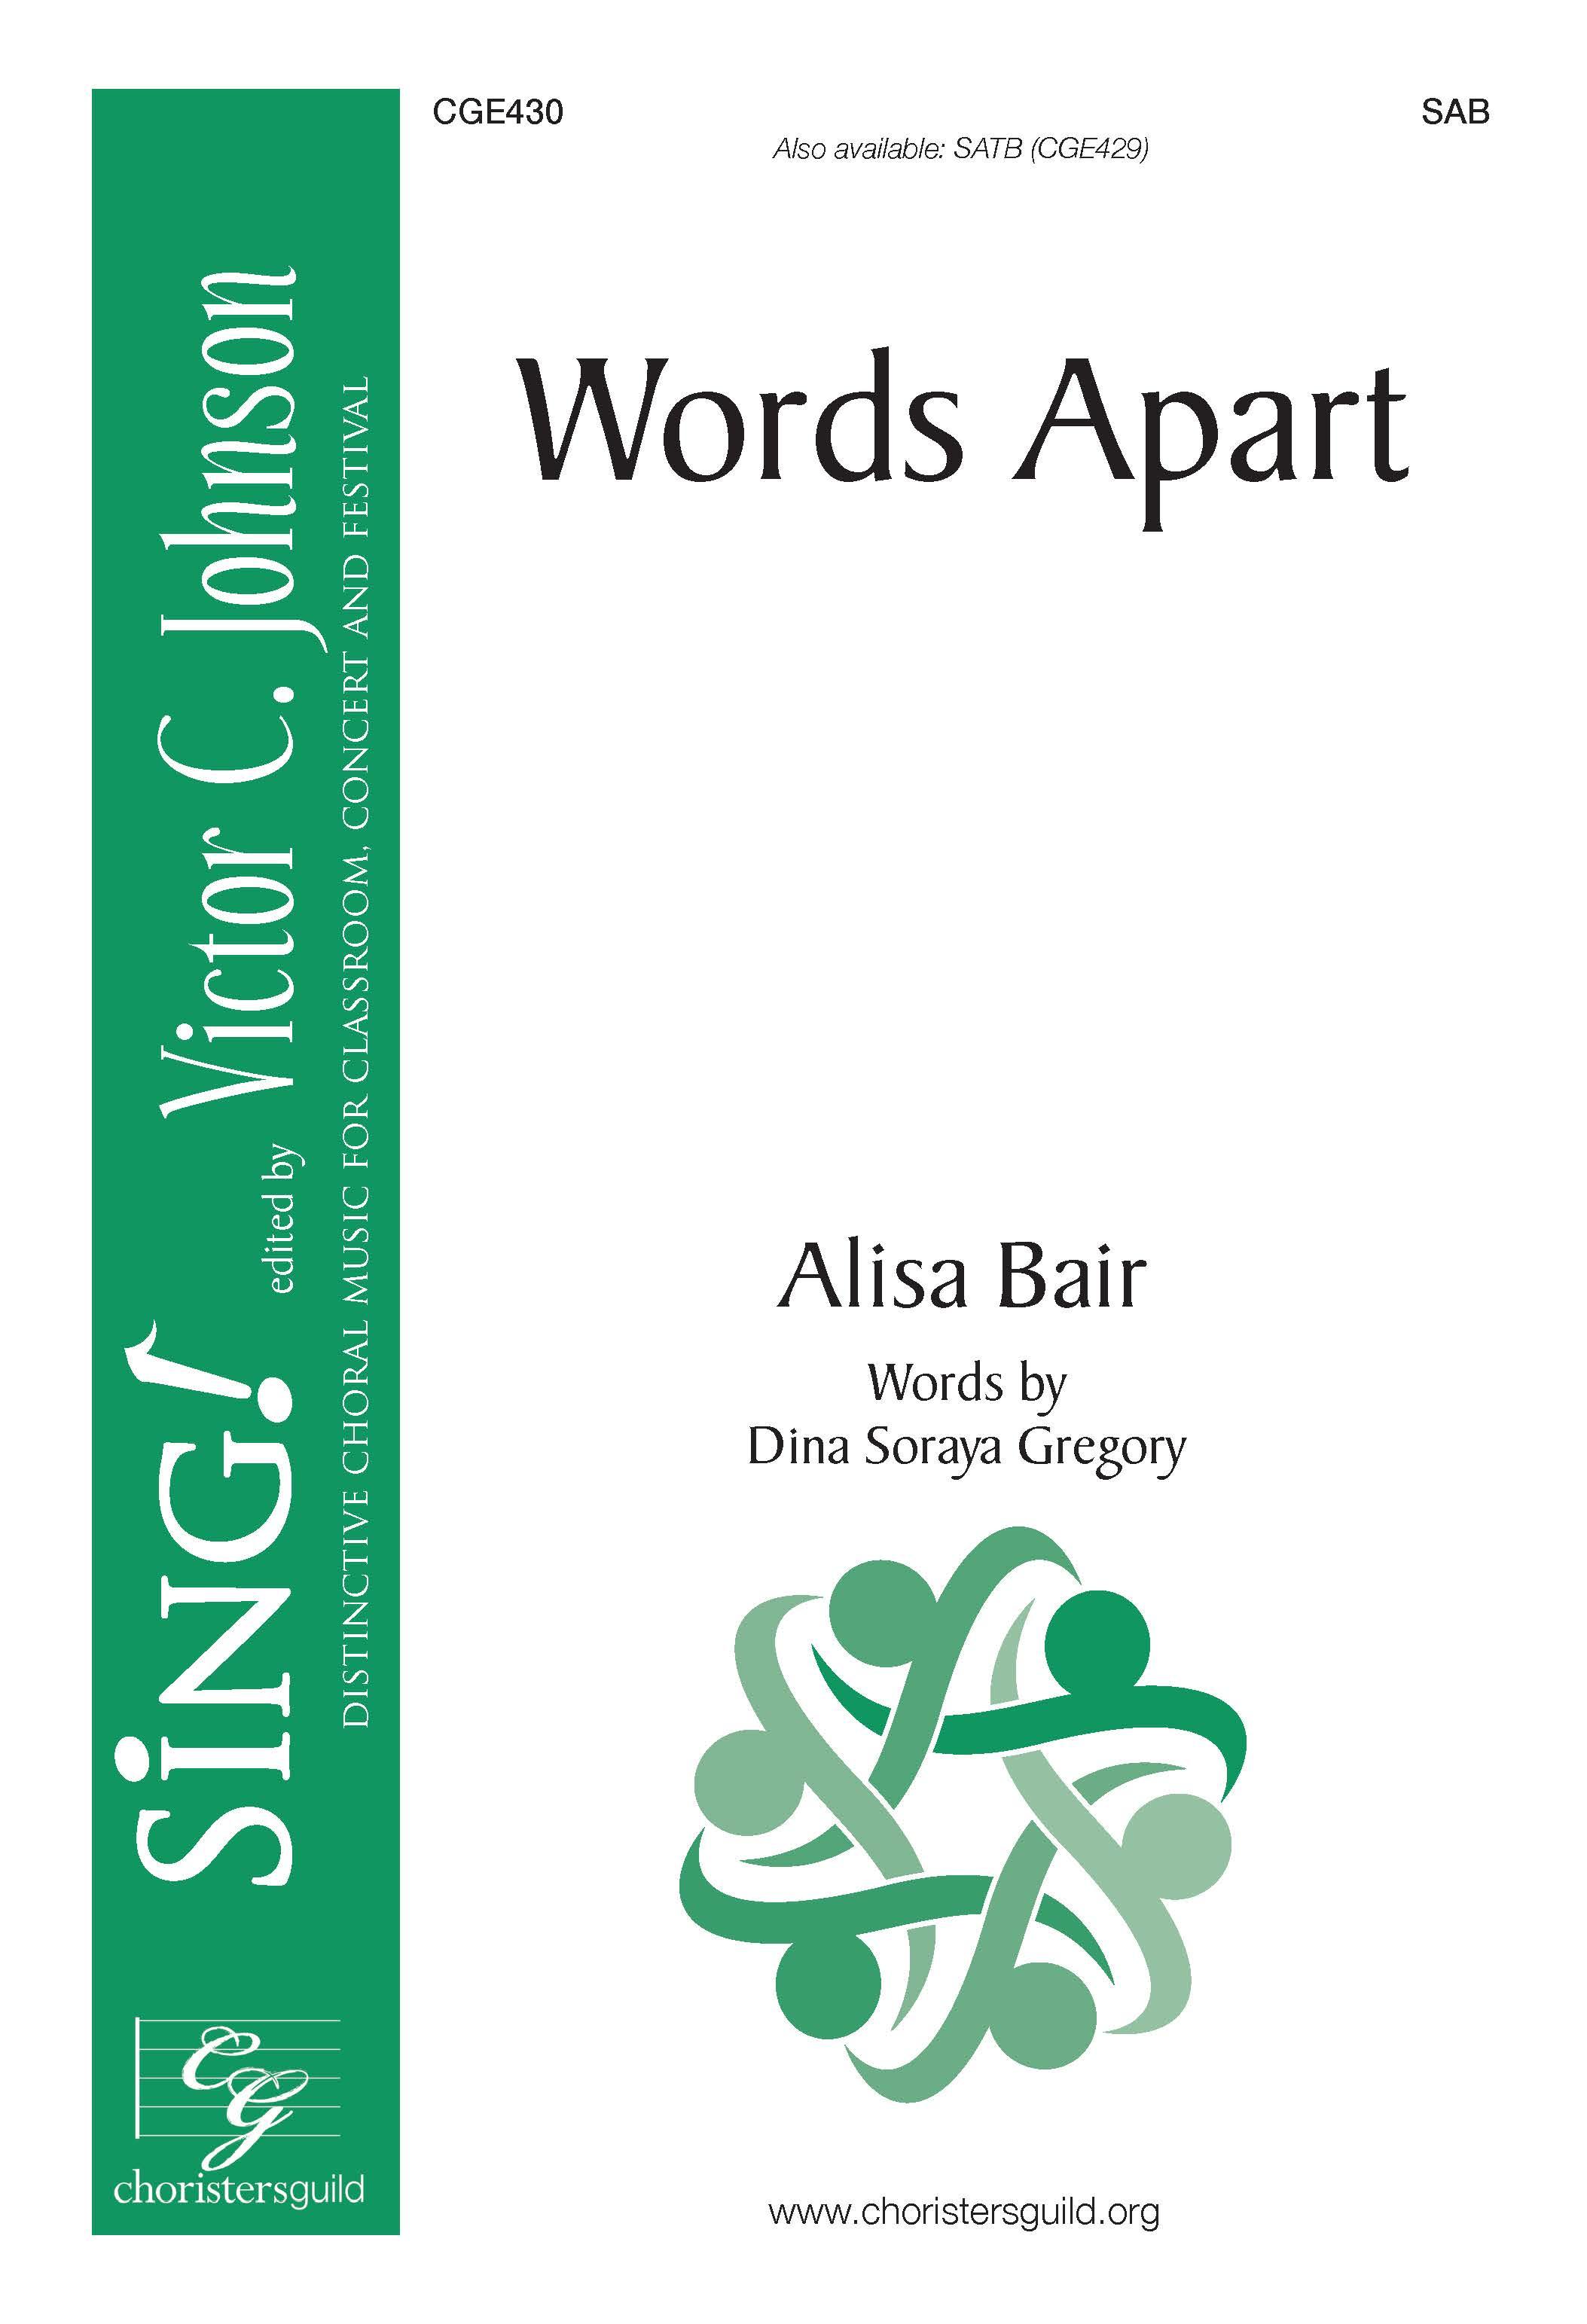 Words Apart - SAB